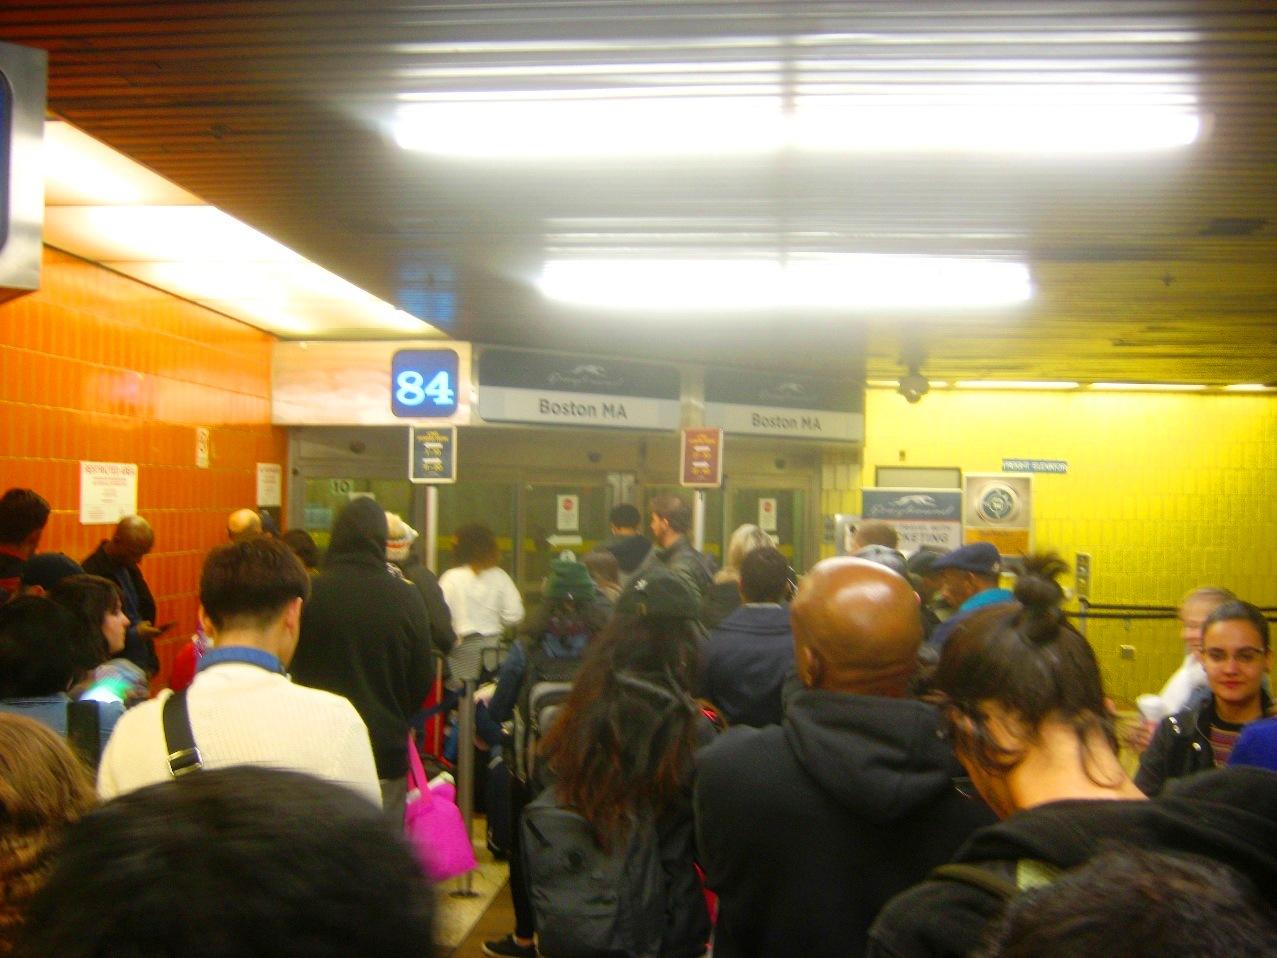 グレイハウンド・バス発着ゲートで乗客が列をつくって待つ。